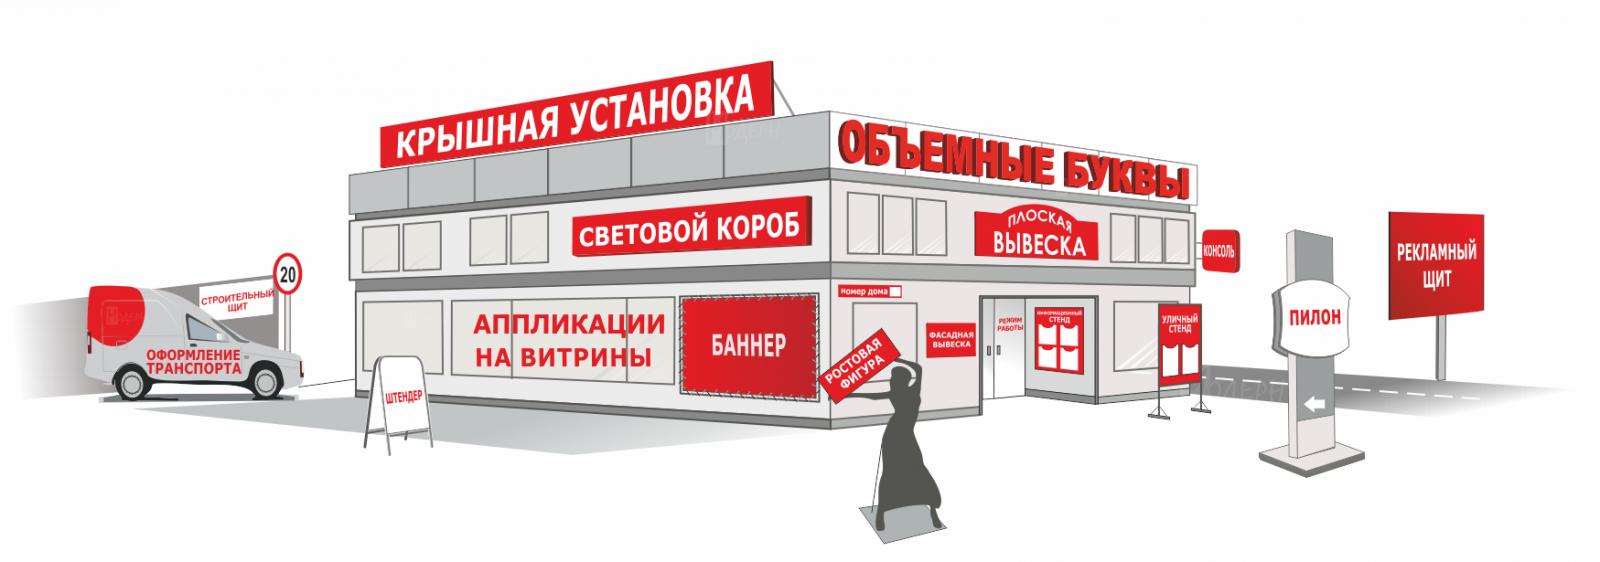 Заказать наружную рекламу в люберцах как разрекламировать магазин детской одежды